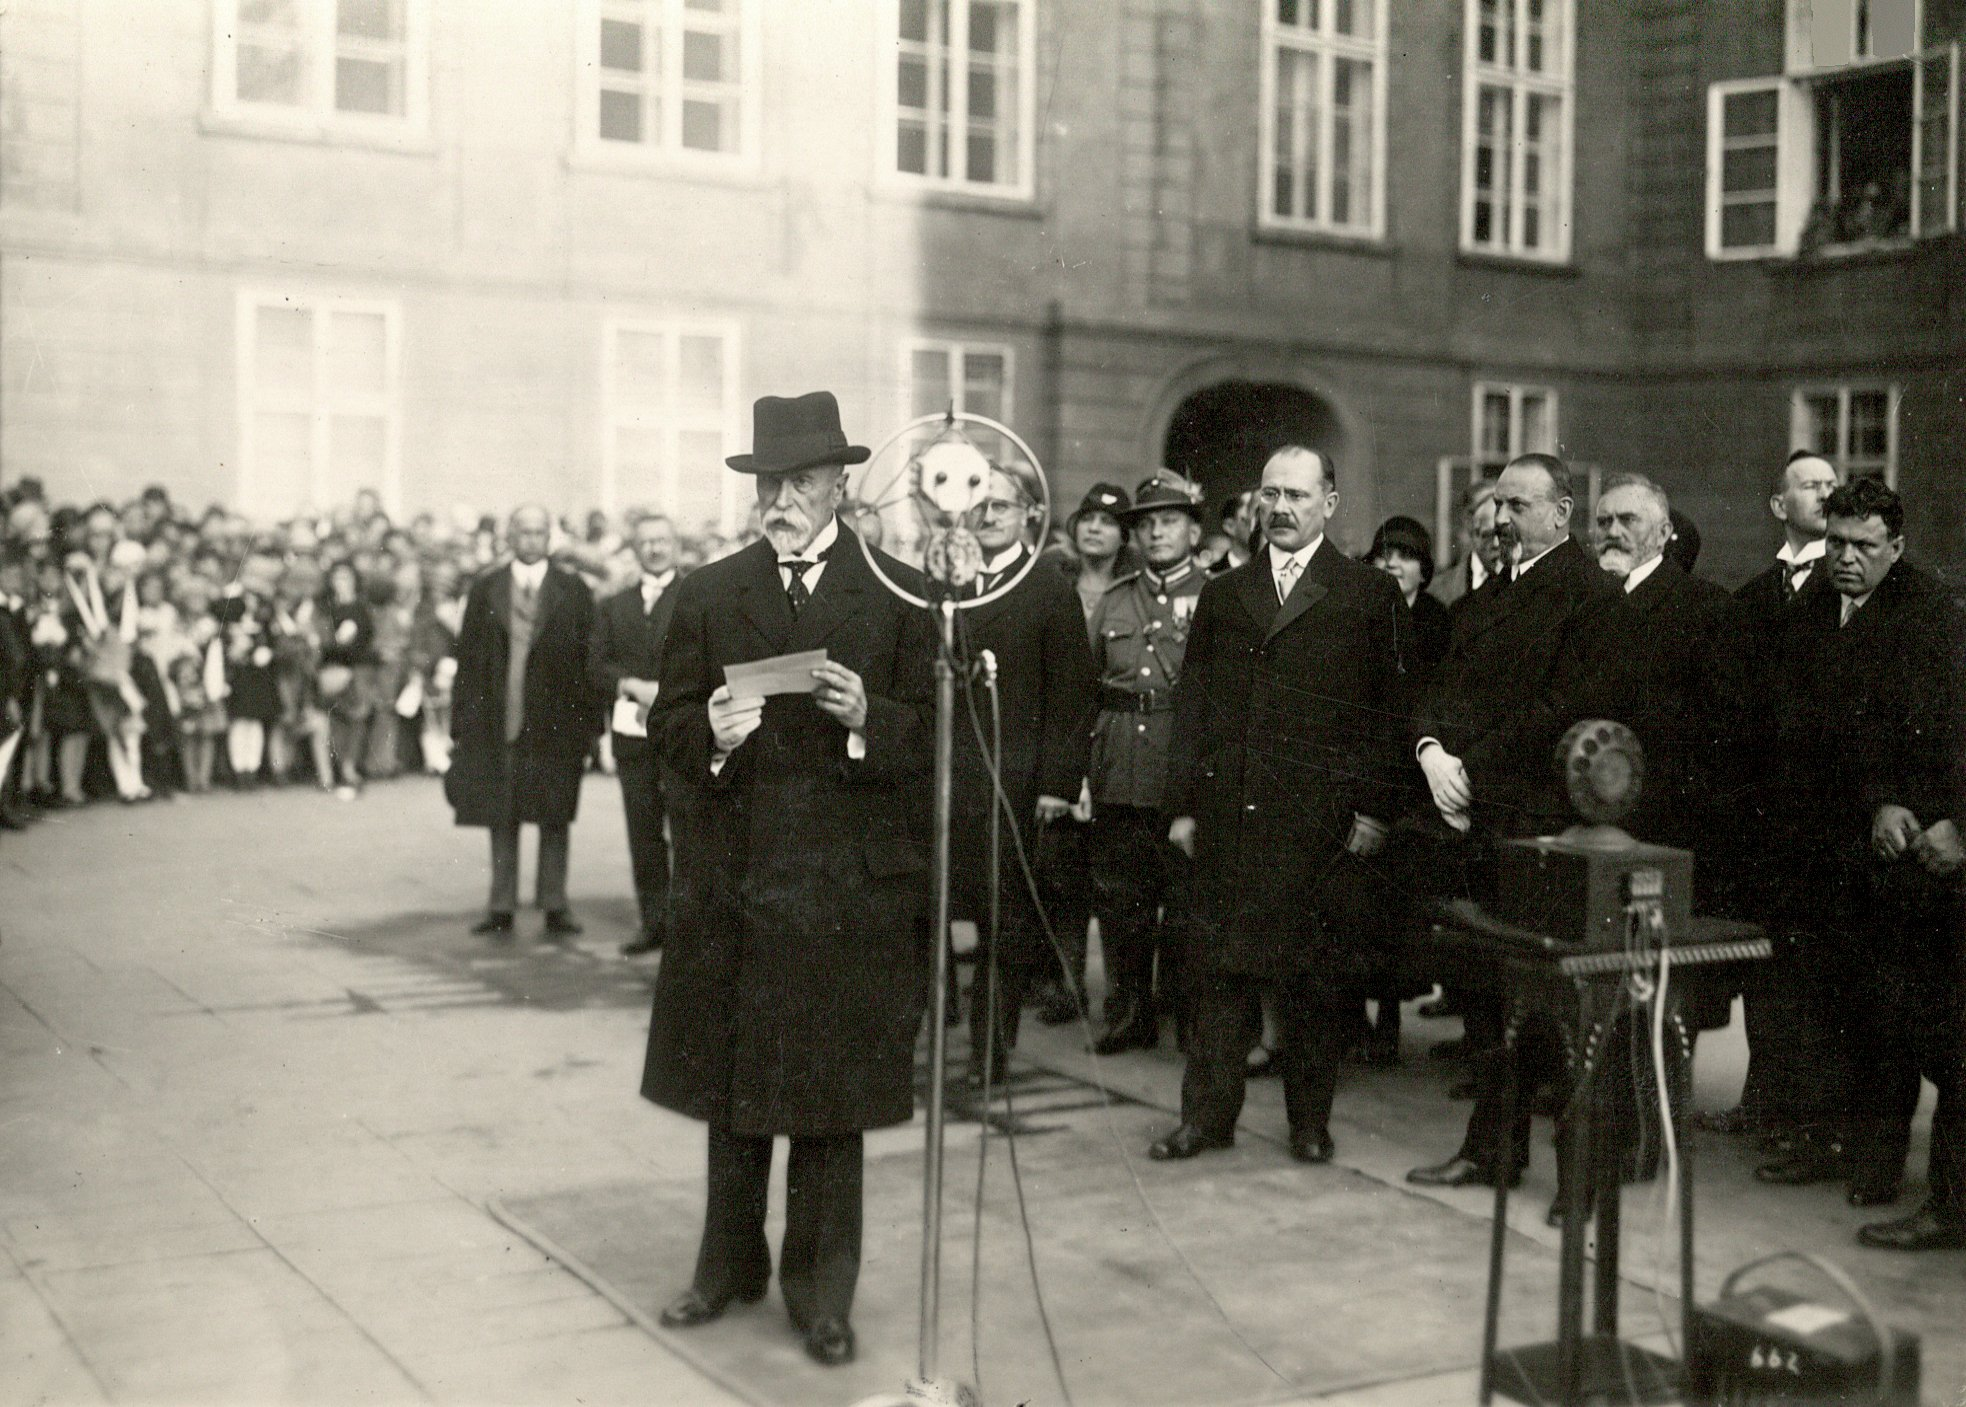 Prezident T. G. Masaryk hovoří ke školní mládeži. Rozhlasový přenos z Pražského hradu při oslavách 10. výročí republiky 27.10.1928, za Masarykem stojí ministr školství Milan Hodža a kancléř Přemysl Šámal